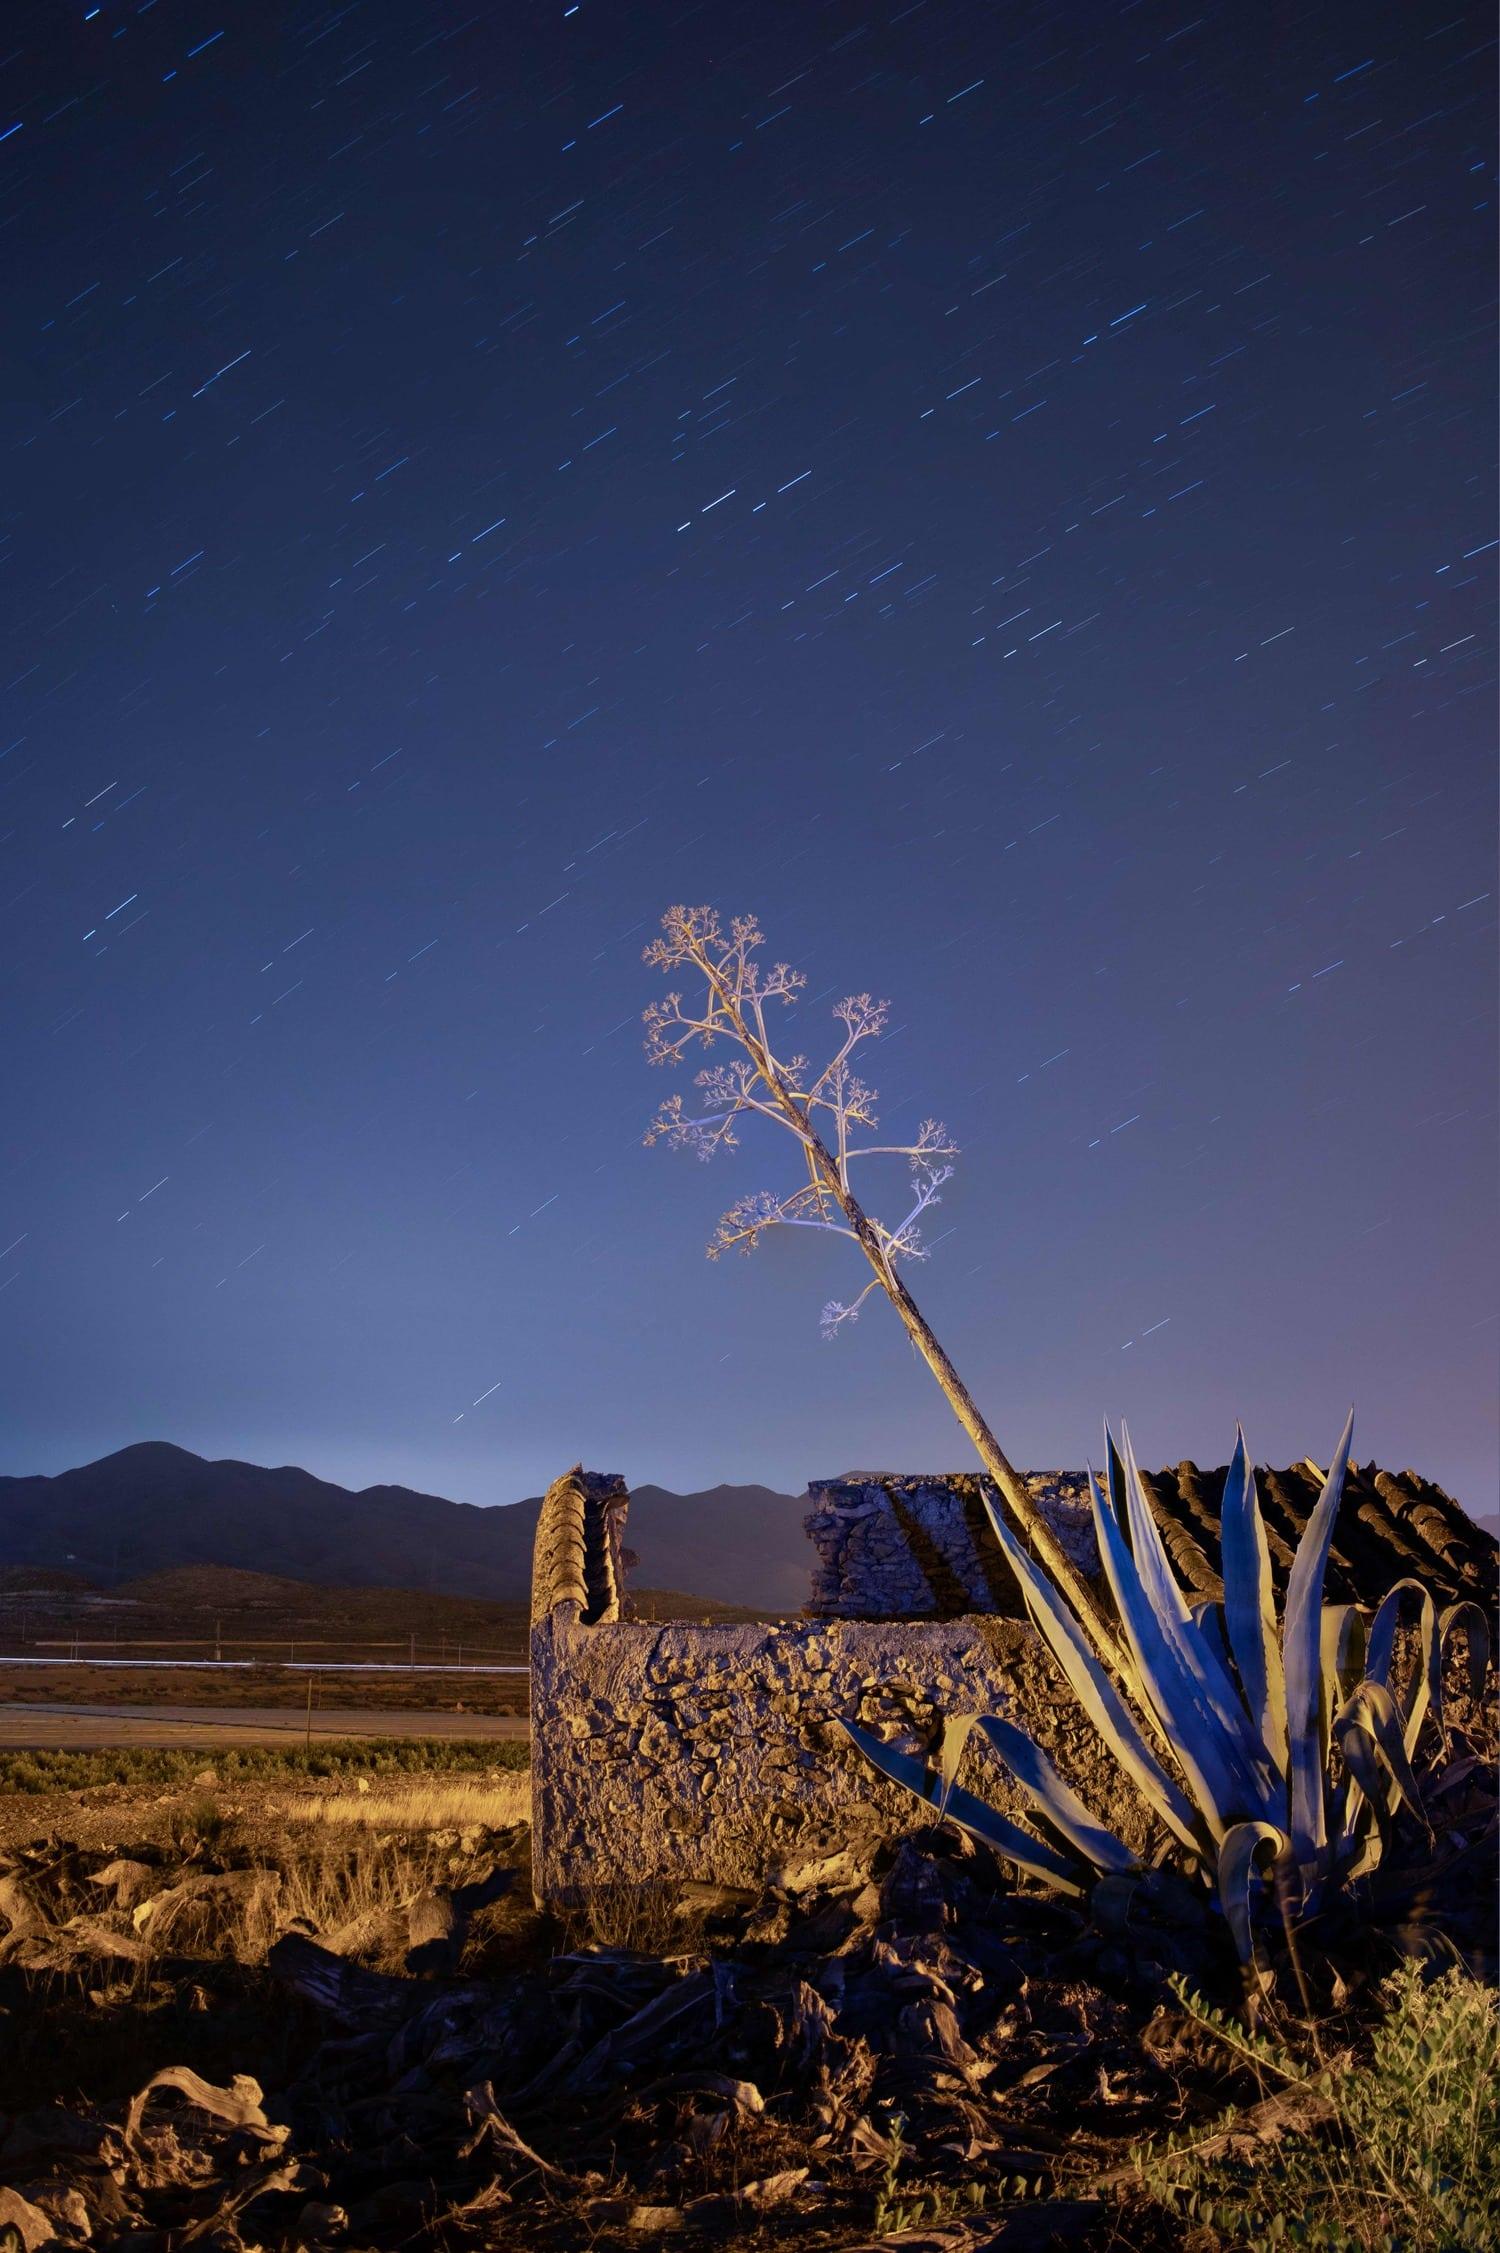 Fotografía de estrellas de Caro tomada con trípode